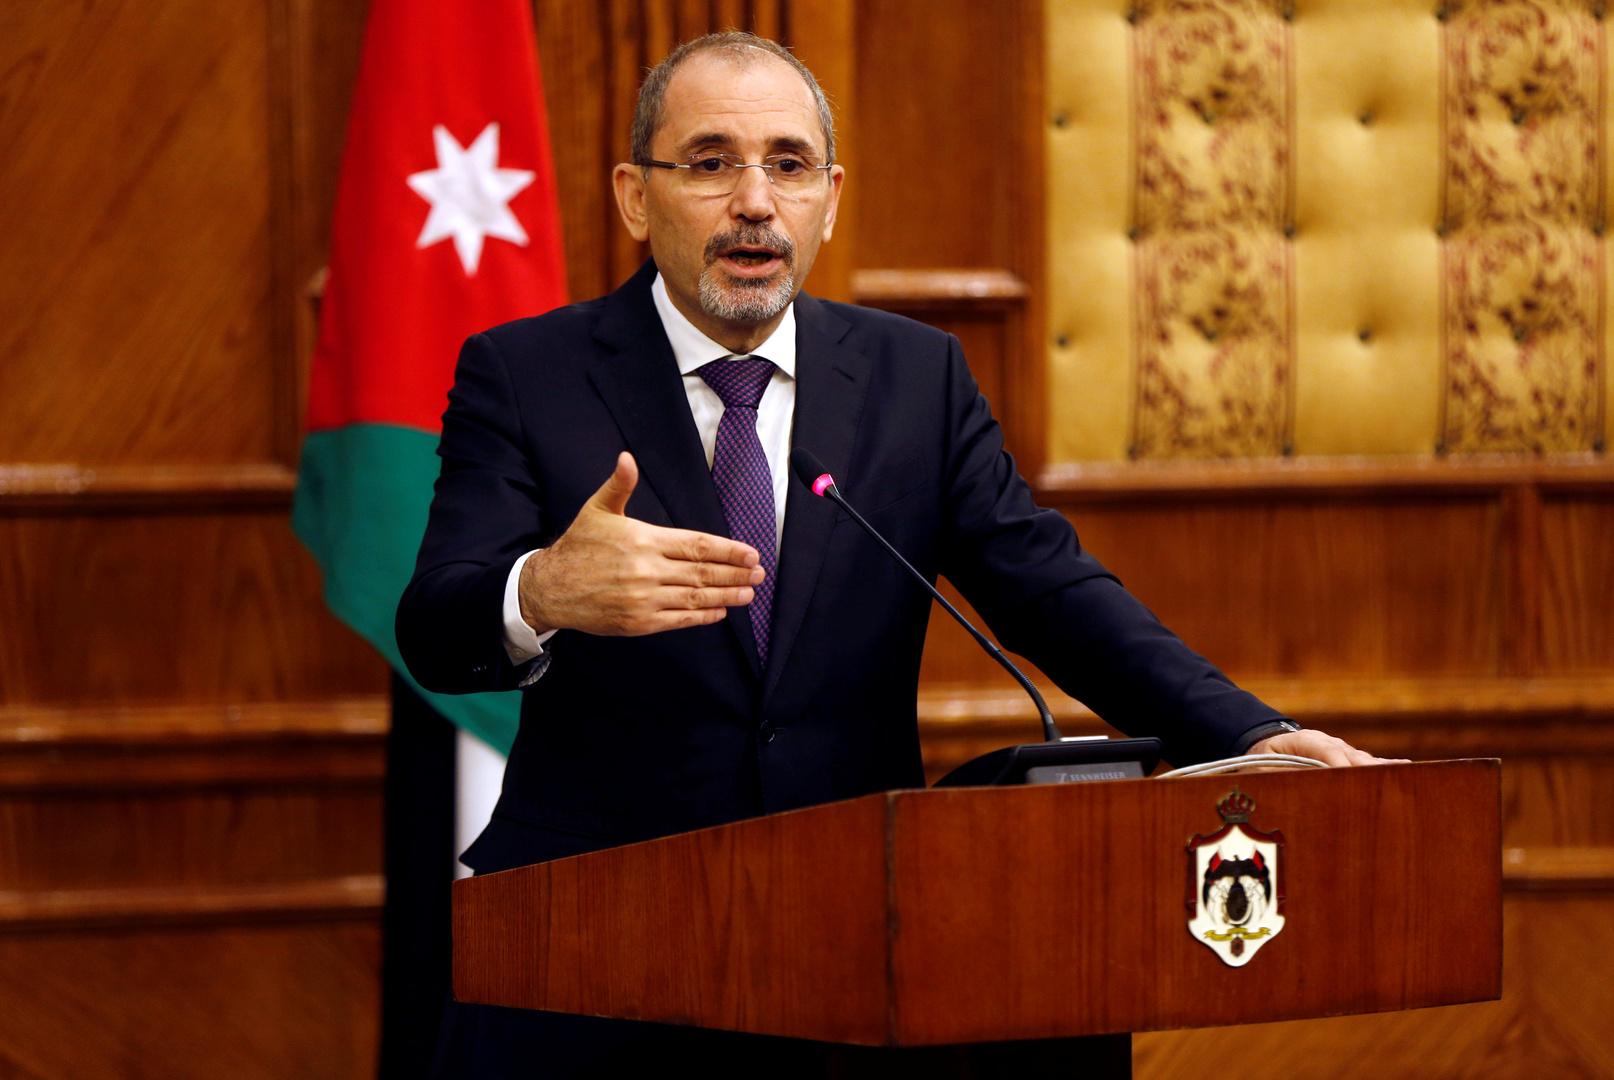 الأردن يدعو المجتمع الدولي لاتخاذ خطوات فورية لحماية الشعب الفلسطيني